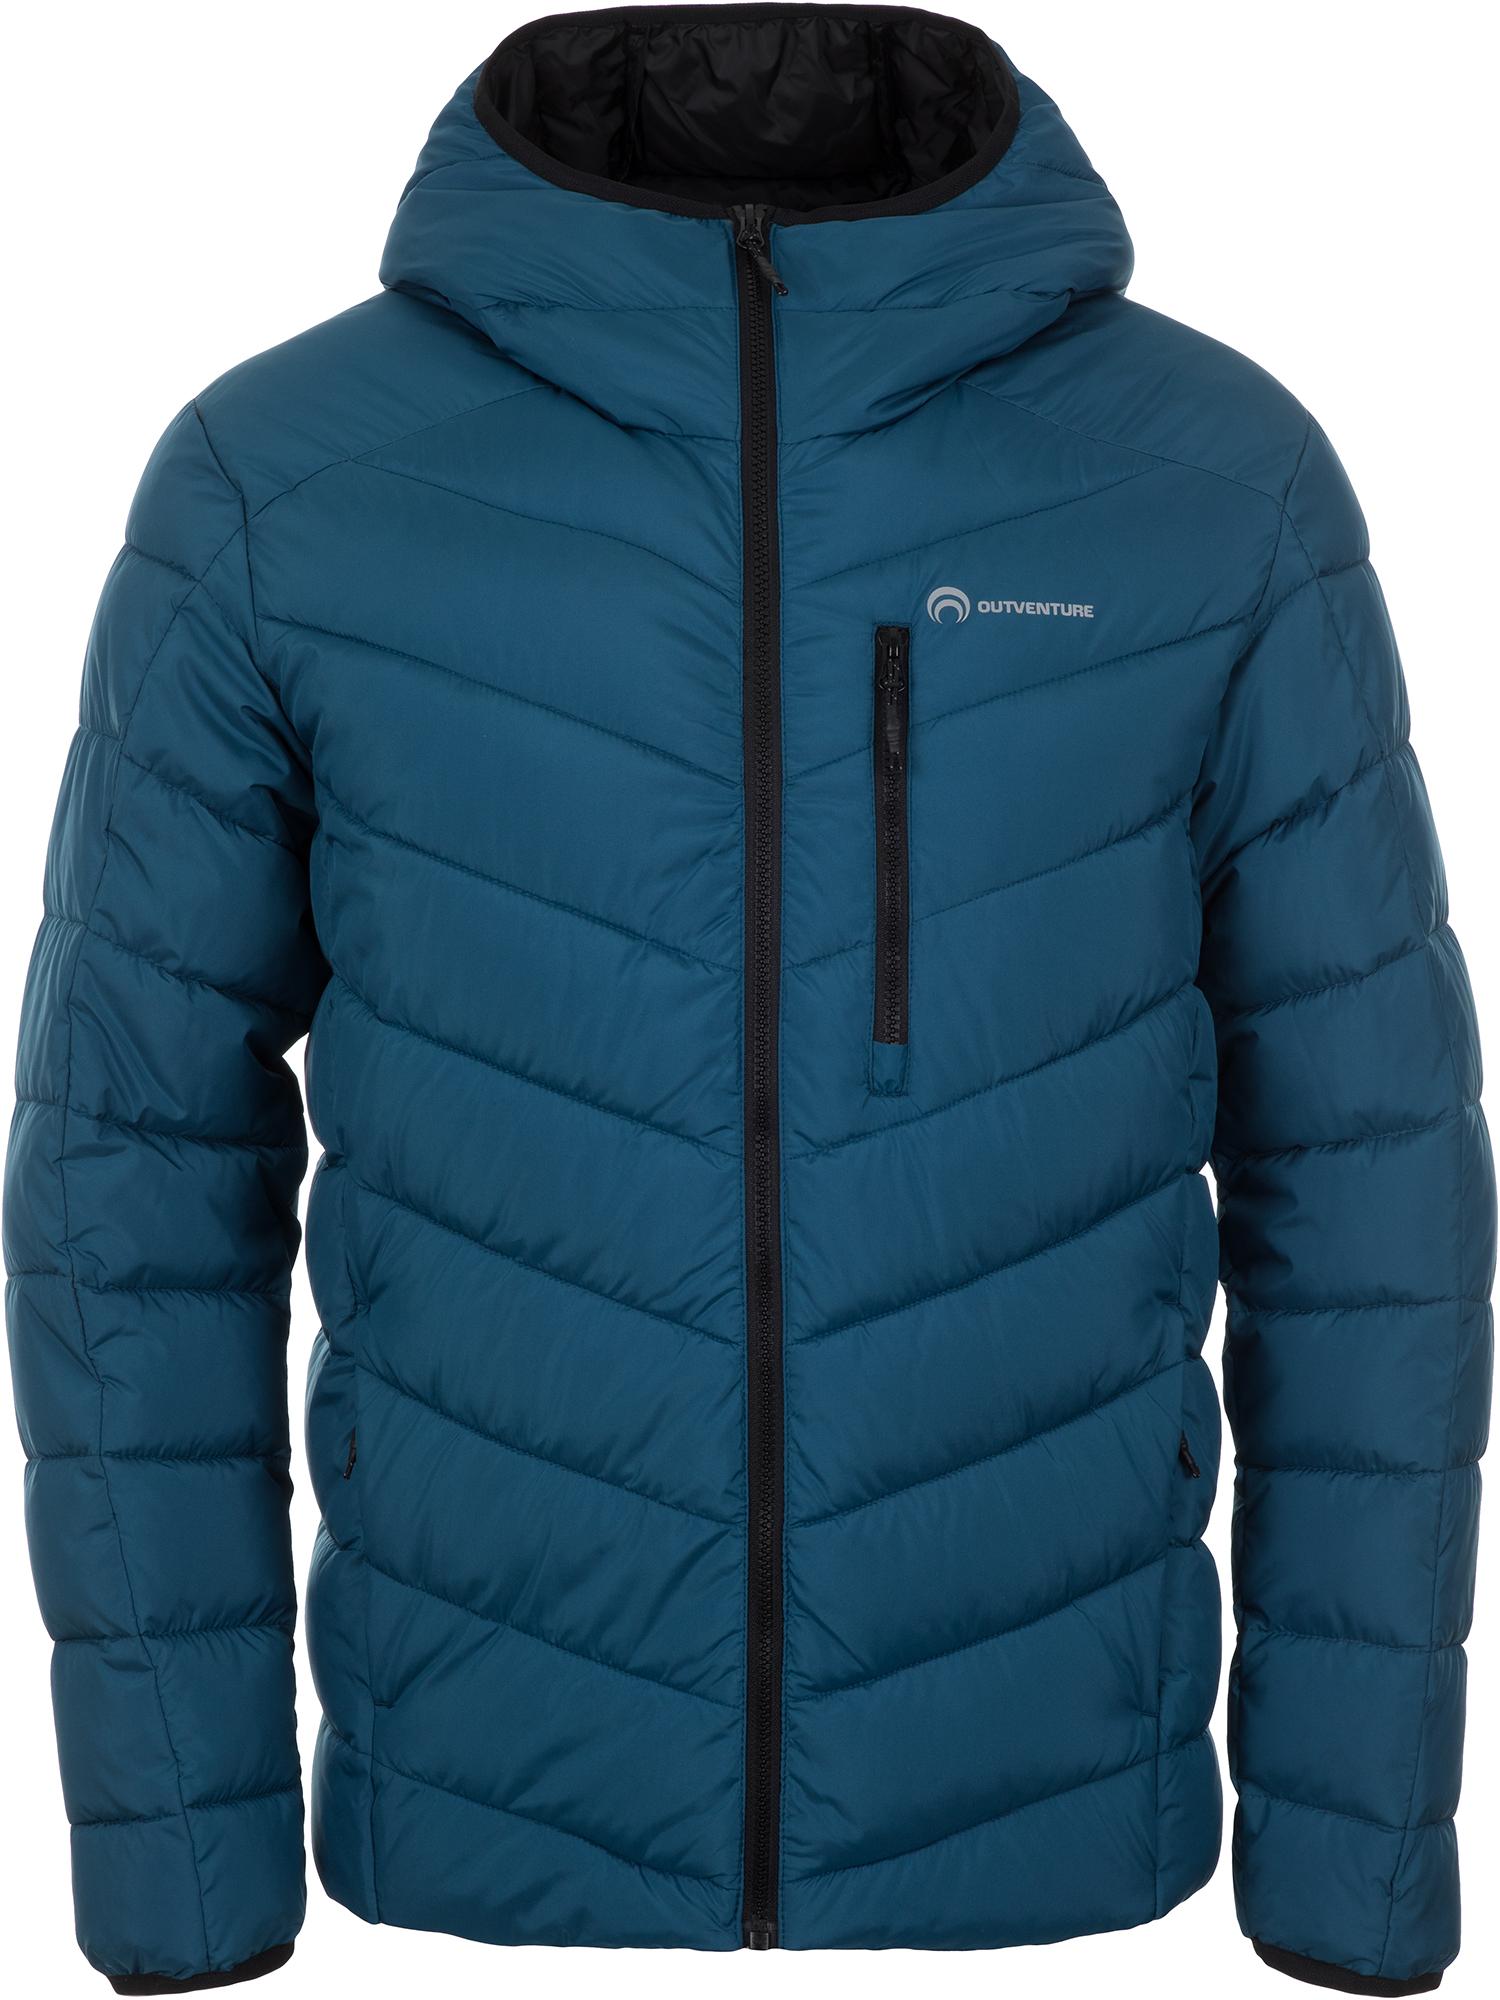 купить Outventure Куртка утепленная мужская Outventure, размер 56 по цене 2999 рублей